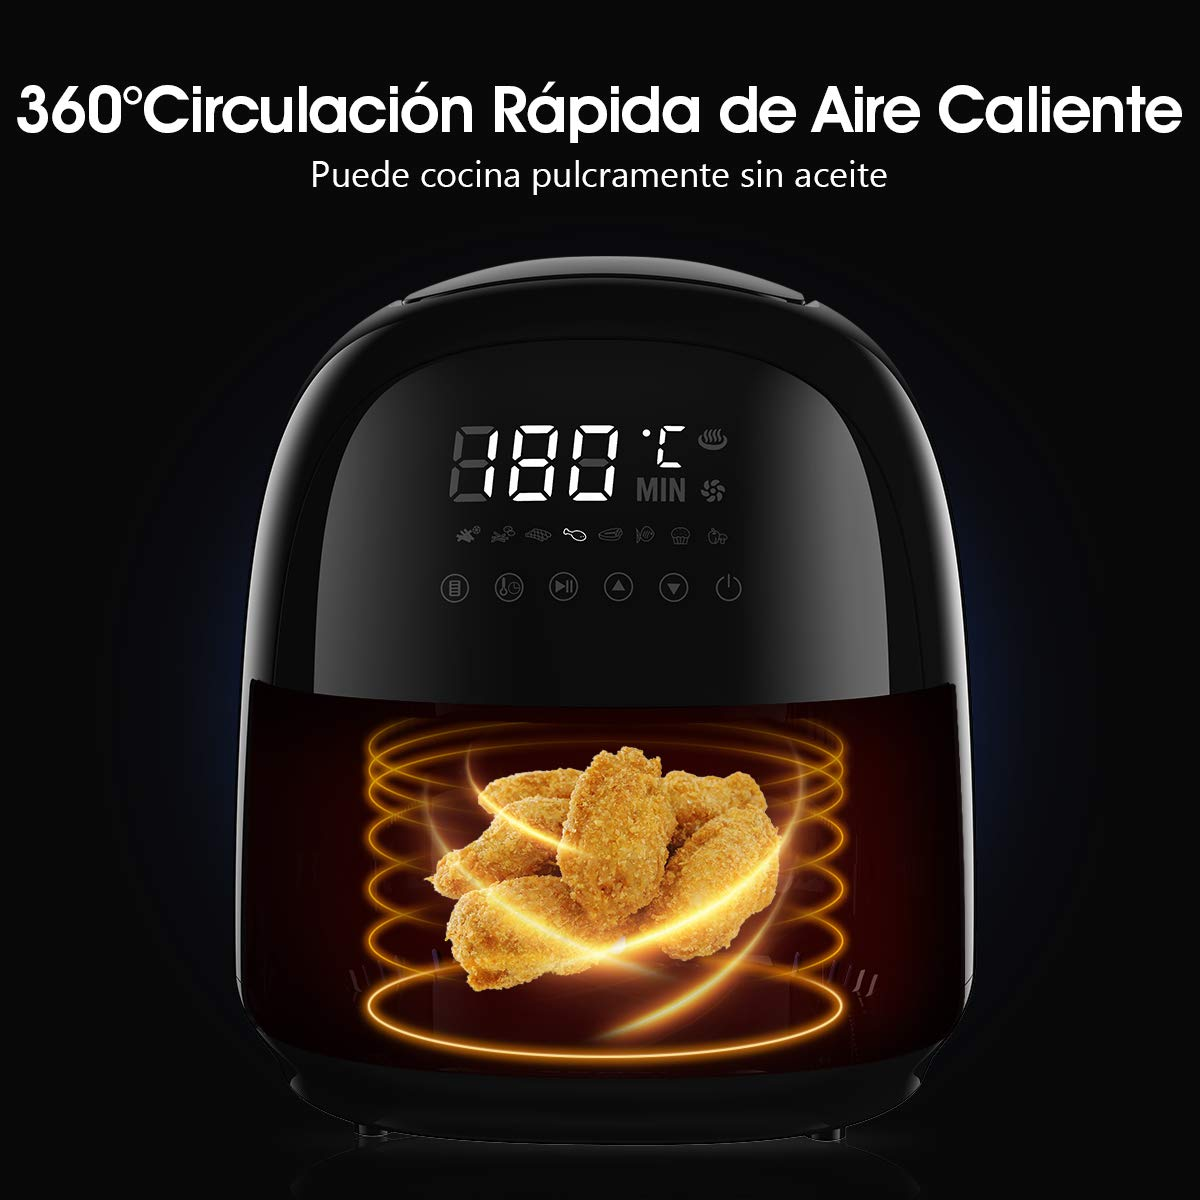 8 Modalit/à da Cucina Timer e controllo di Temperatura Rapida Circolazione dell/'Aaria Interna Aerofryer Rackaphile Friggitrice ad Aria senza Olio di 3,5 litri LED Touchscreen Digitale